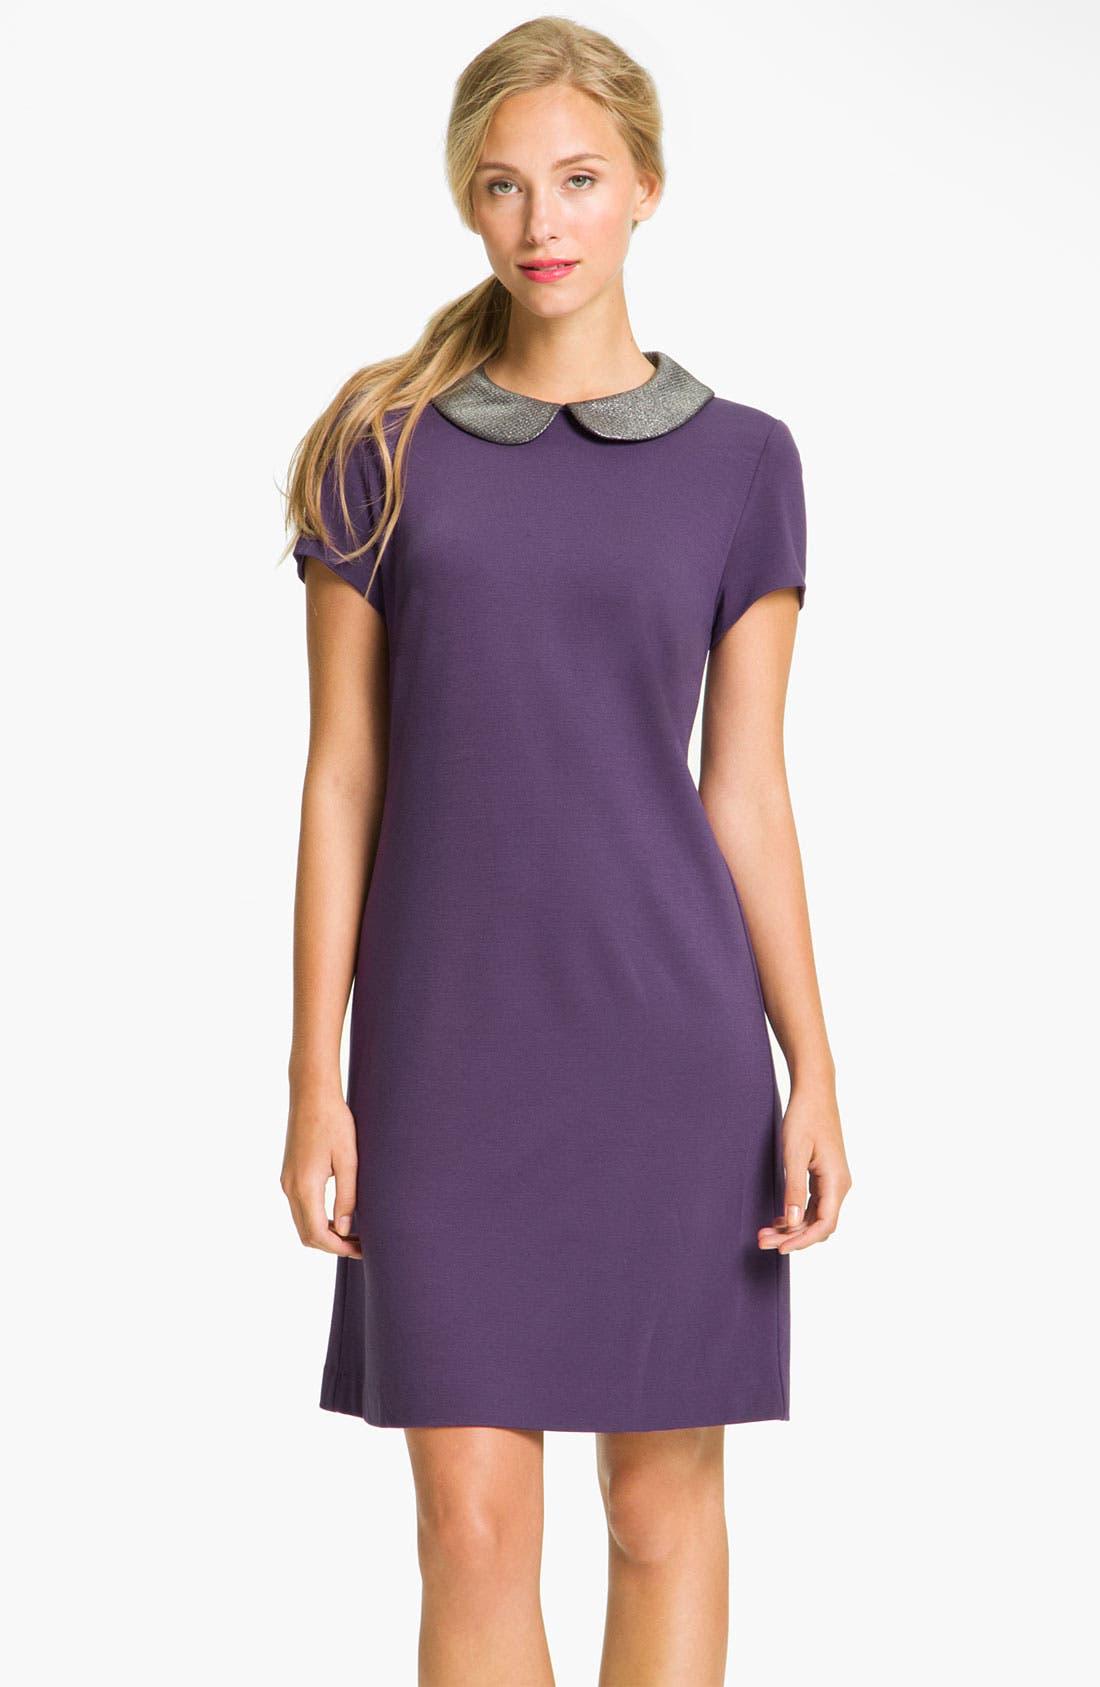 DONNA MORGAN Metallic Peter Pan Collar Shift Dress, Main, color, 500